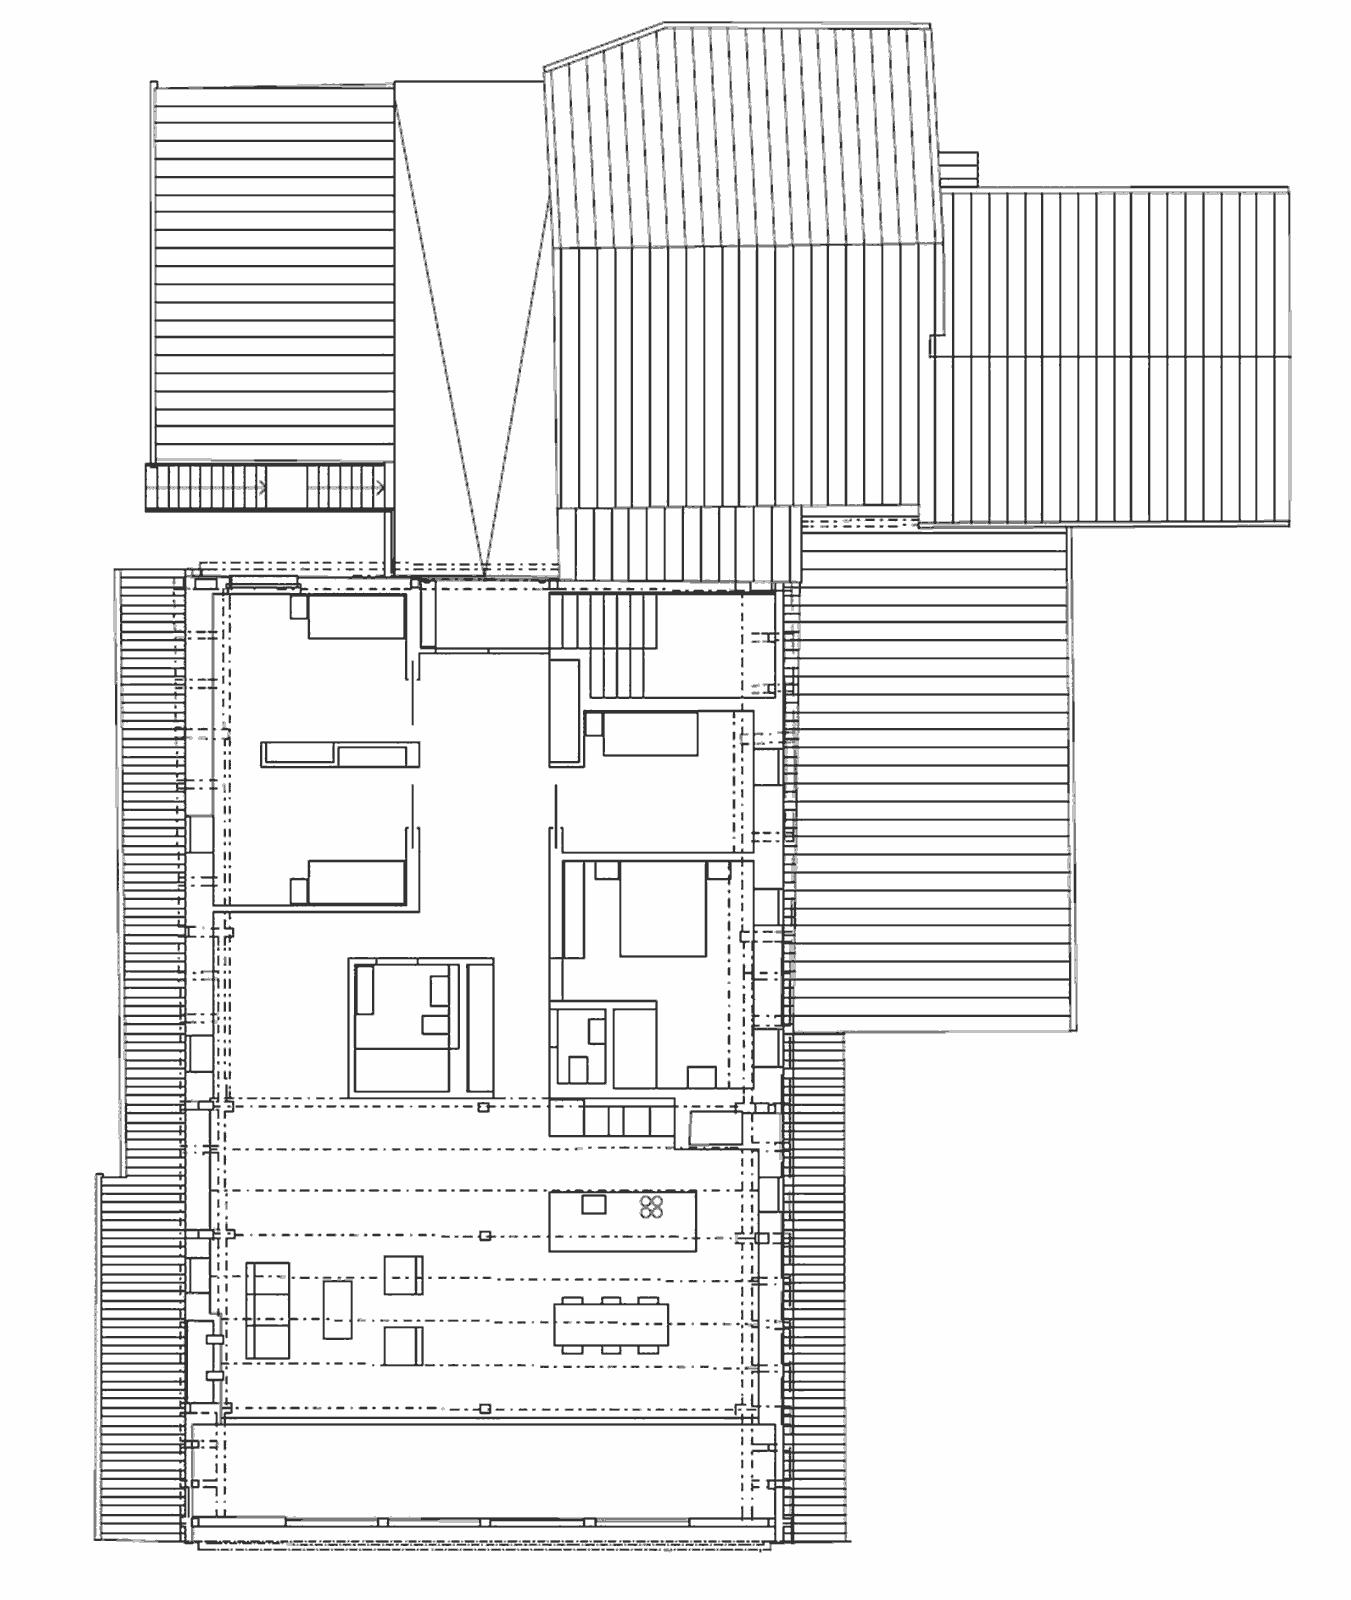 Grundriss Obergeschoss Umbau und Sanierung ehemaliges Bauernhaus Maison Blanche Evilard